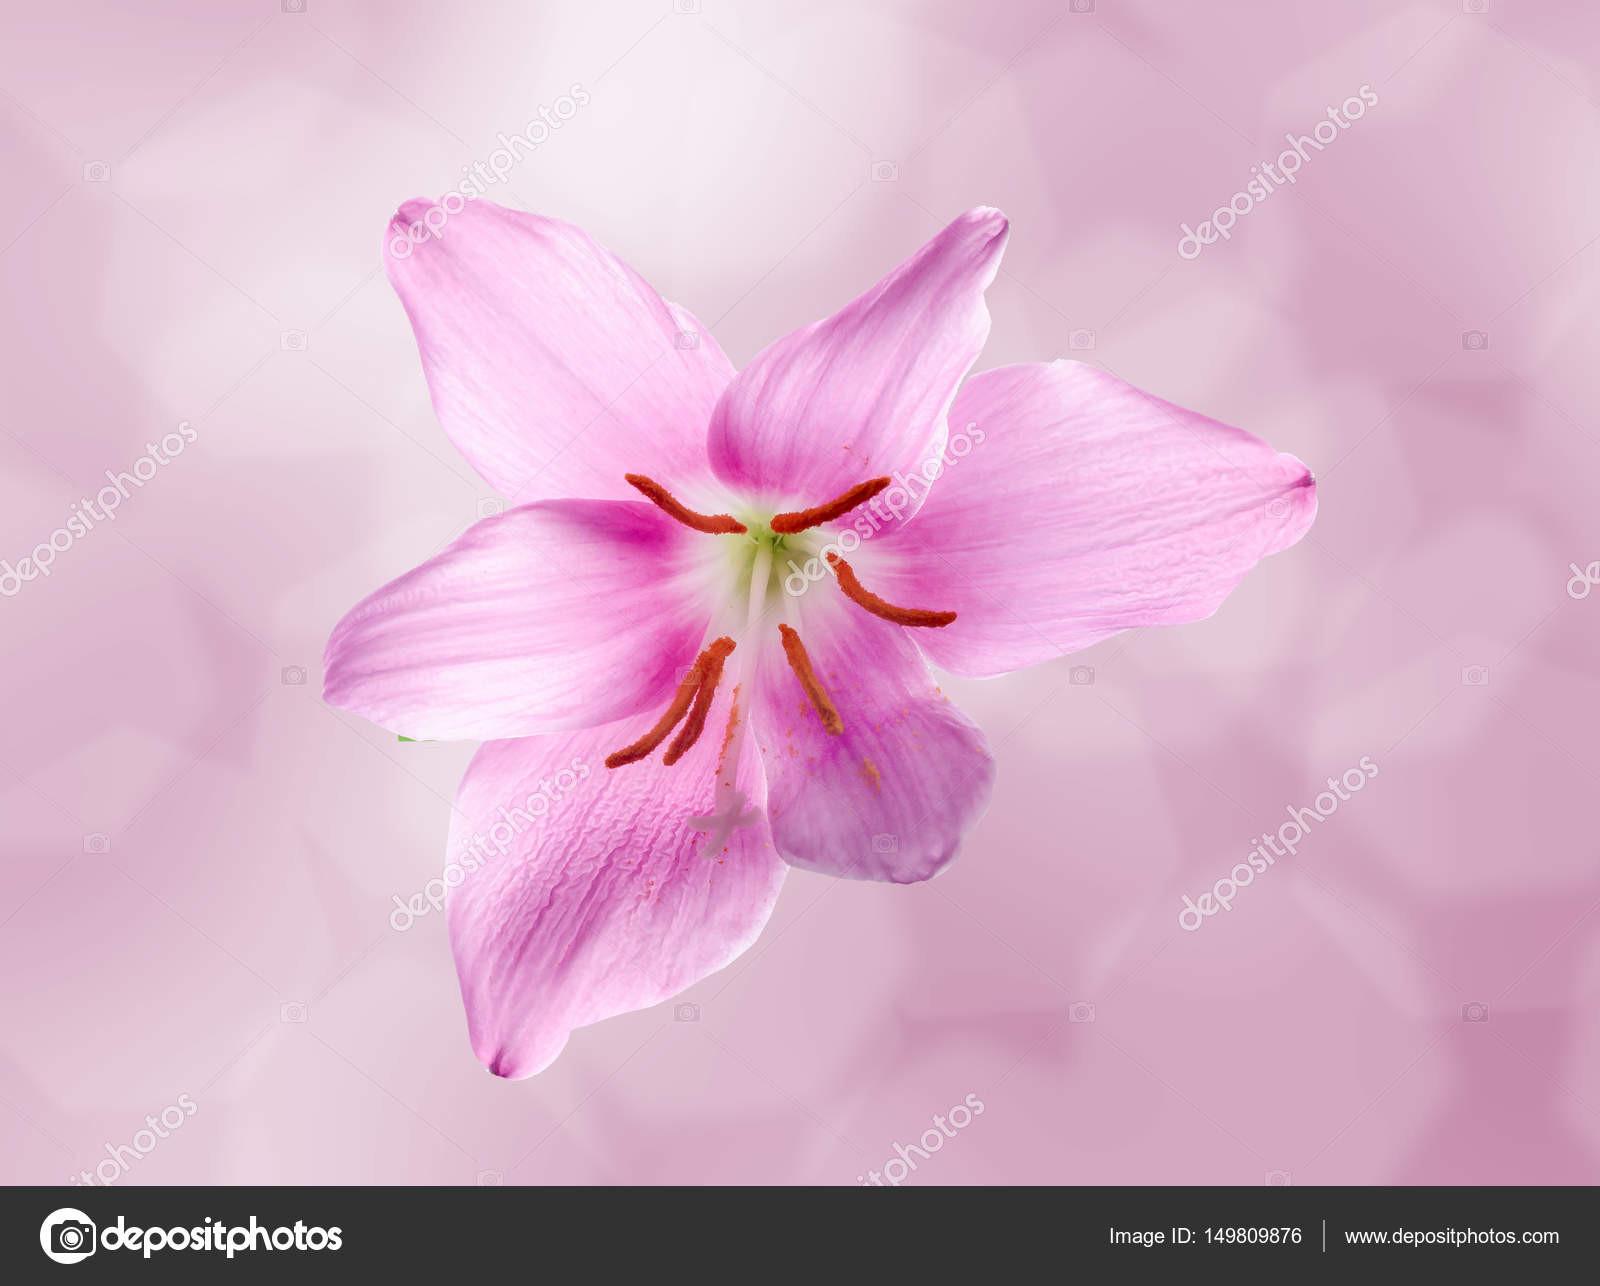 Růžová fialová Zephyranthes květina Detailn záběr izolovanou blé pozad Společné názvy pro druhy tohoto rodu patř vla lily rainflower zephyr lily